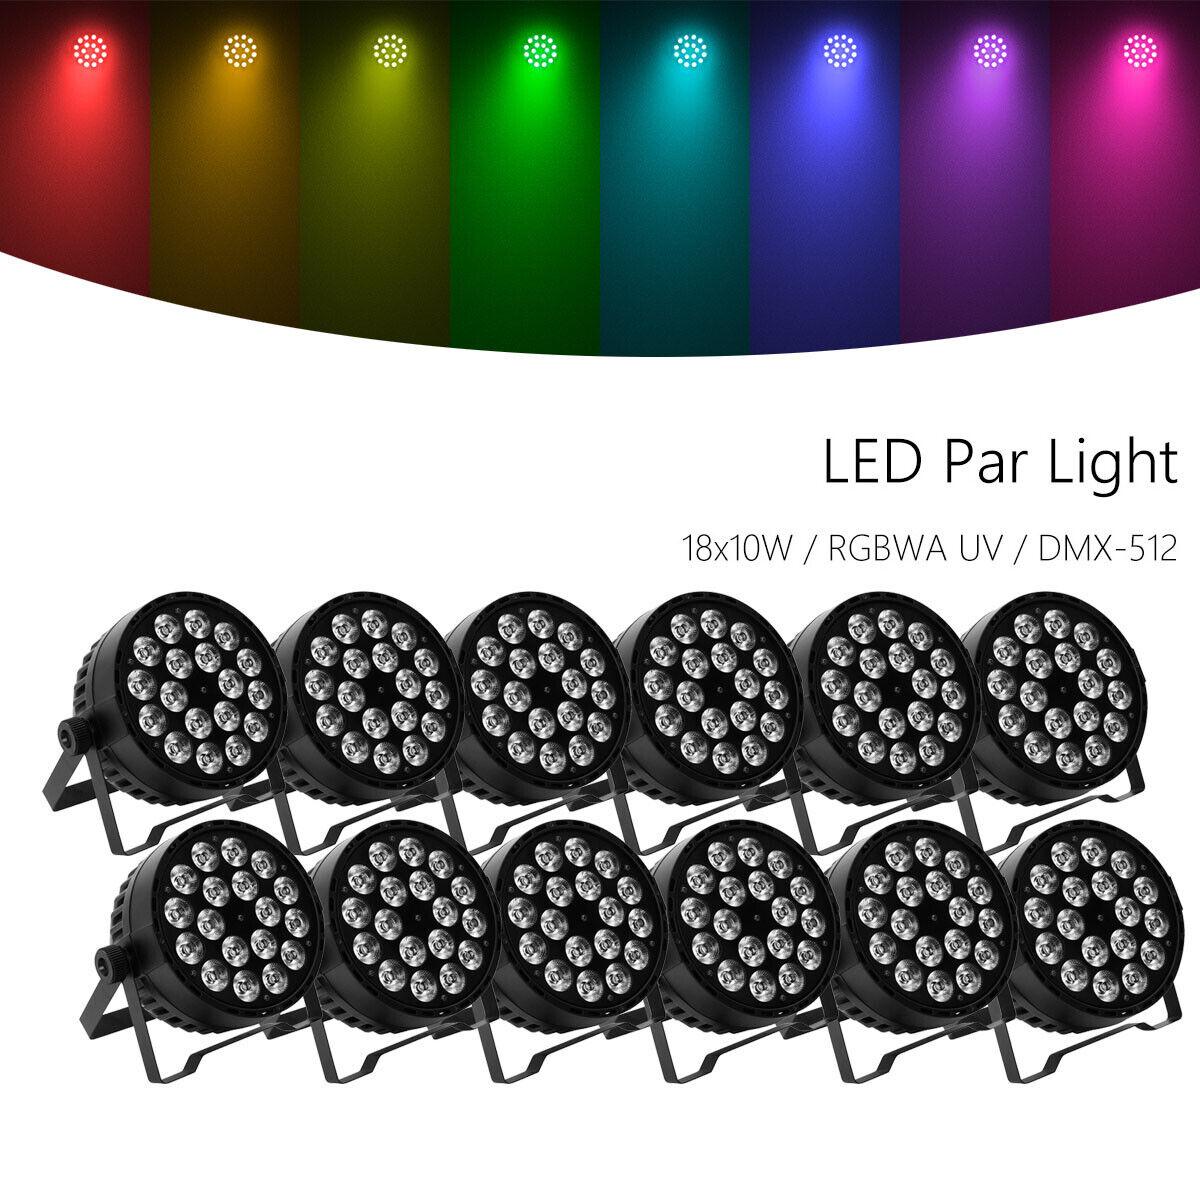 12pcs 18x10W Stage Par Light RGBWA UV 6in1 LED DMX512 Par64 Wash Lighting Party